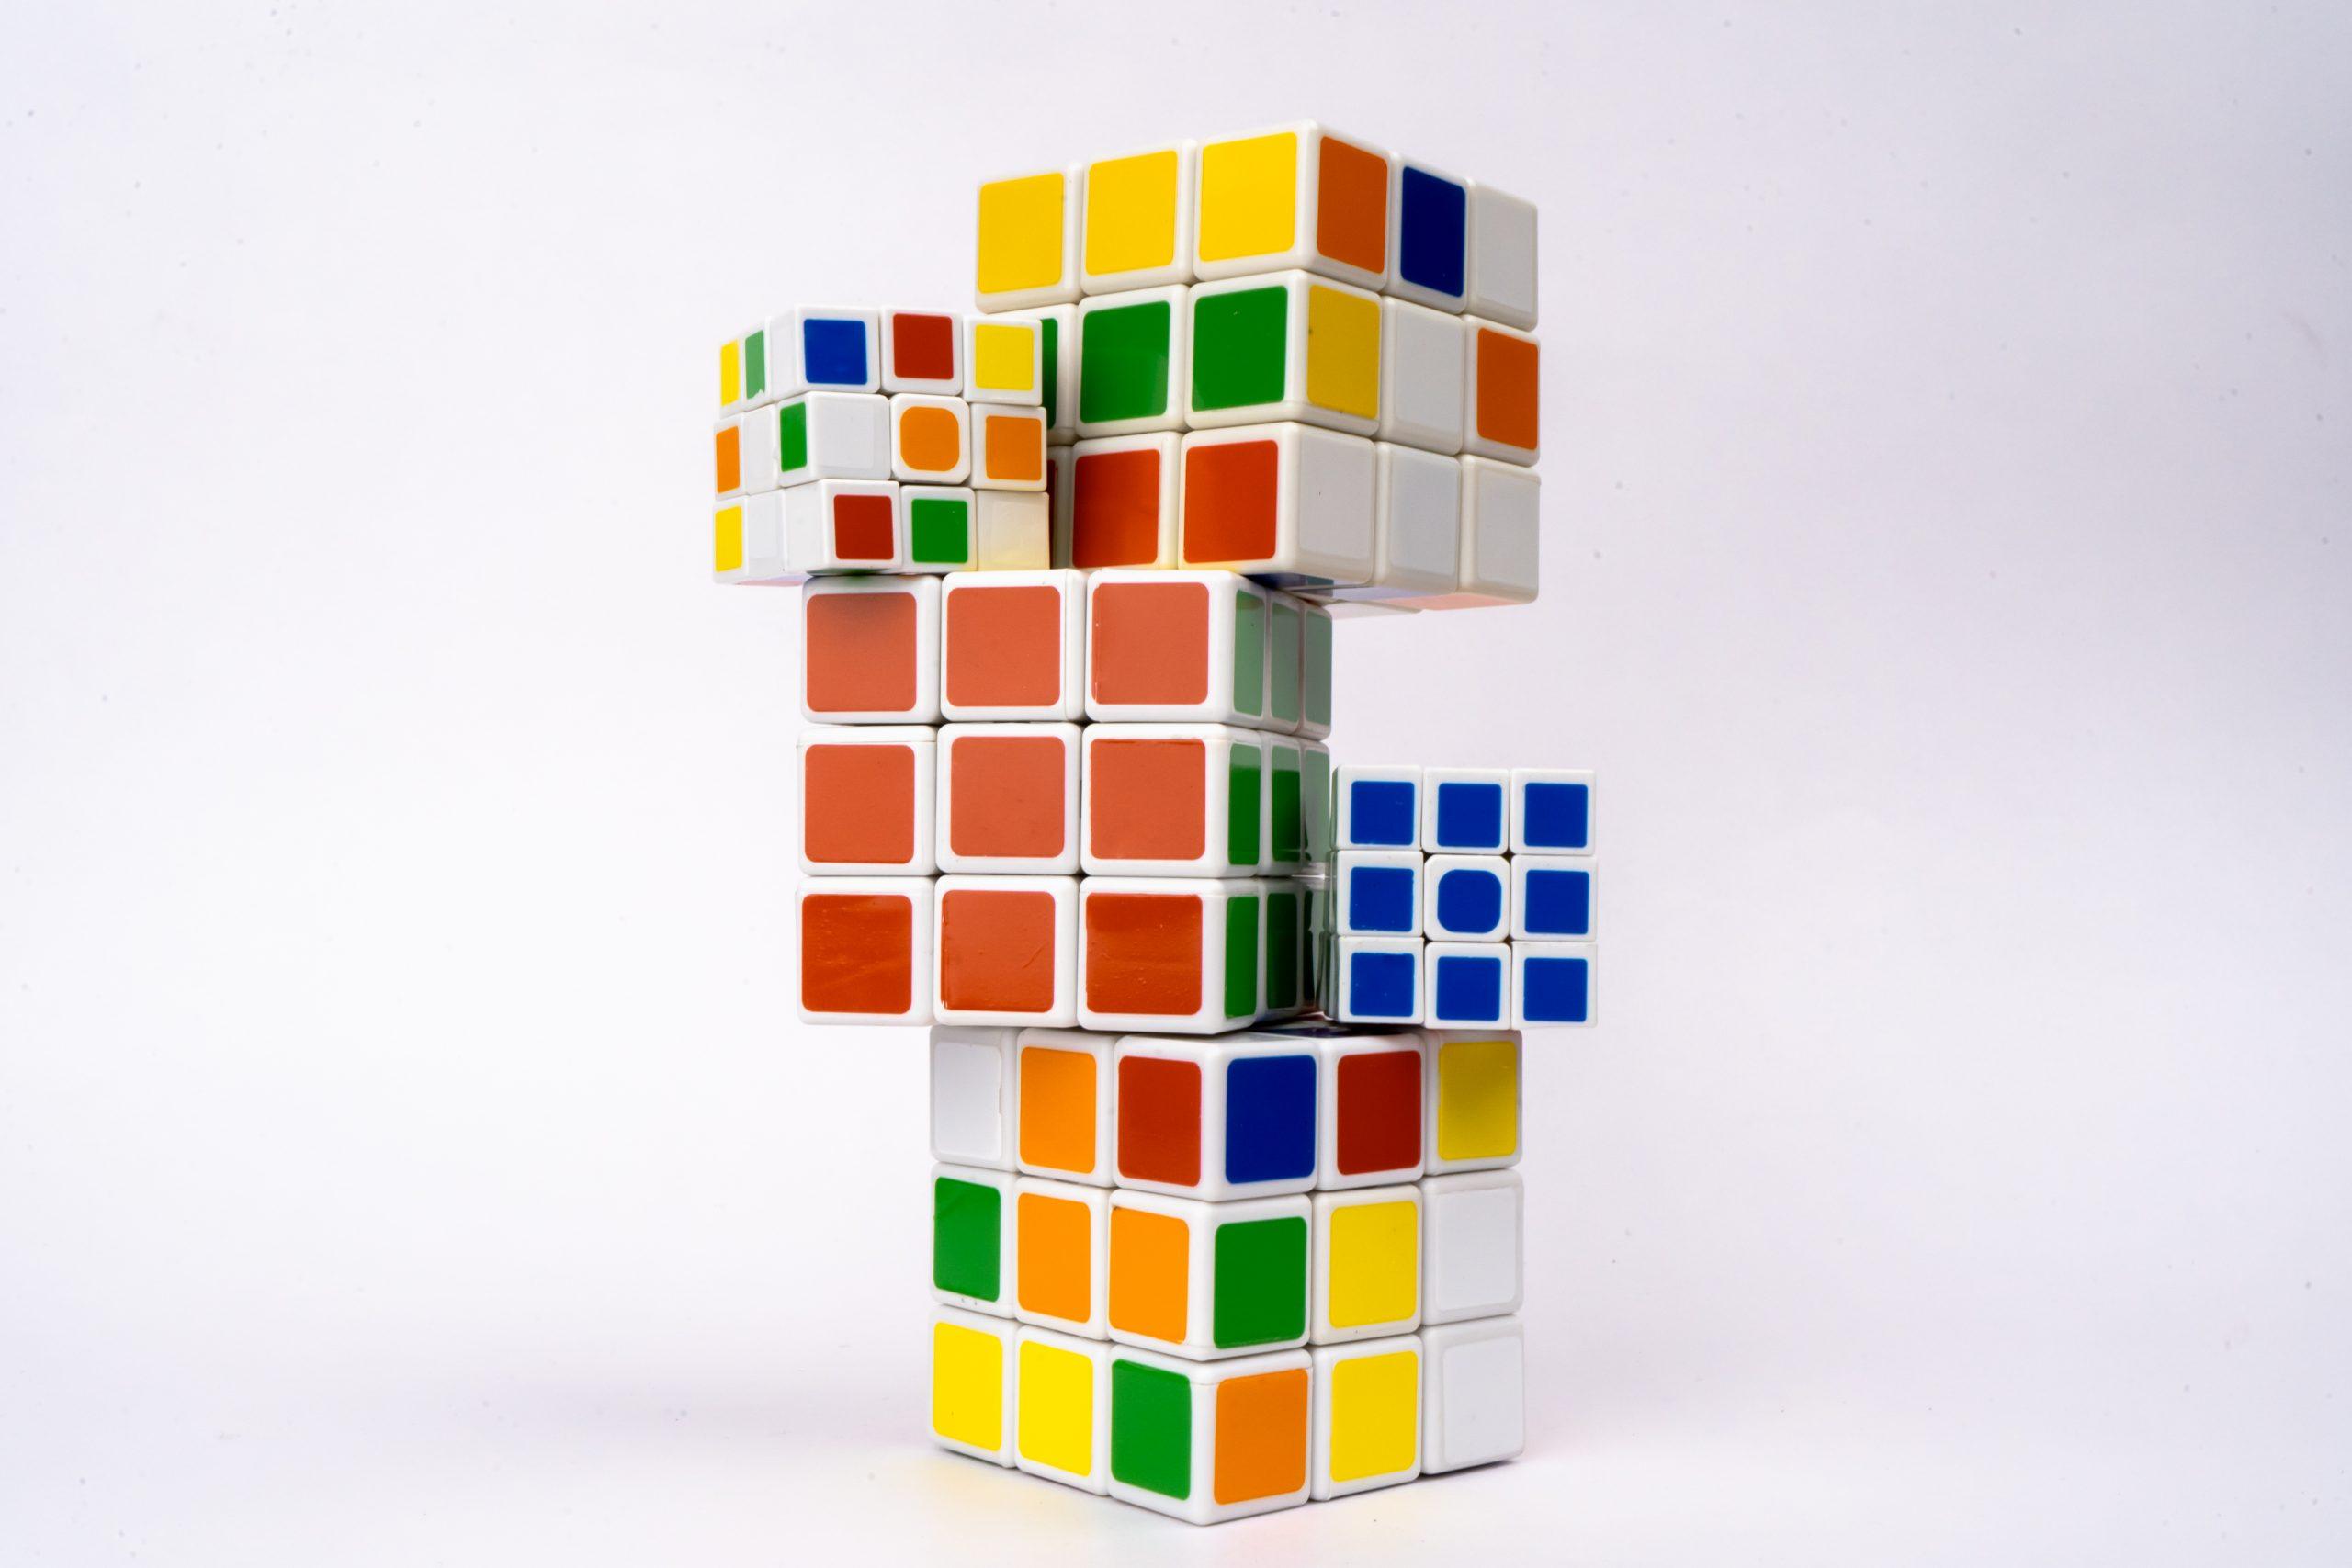 Rubik cubes on white background